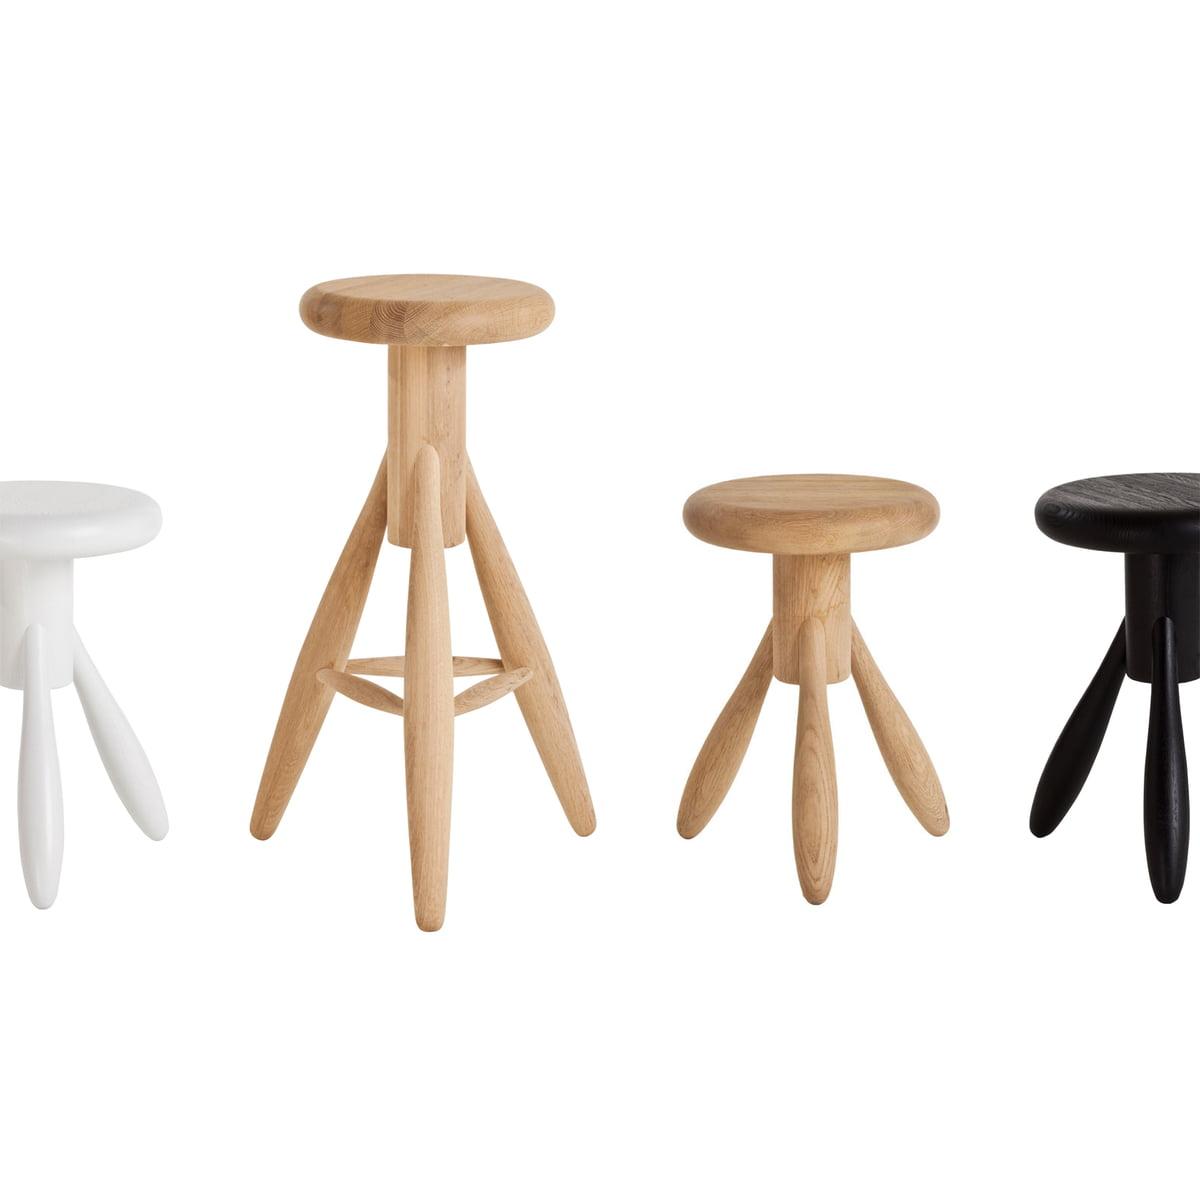 Astounding Artek Rocket Bar Stool Machost Co Dining Chair Design Ideas Machostcouk